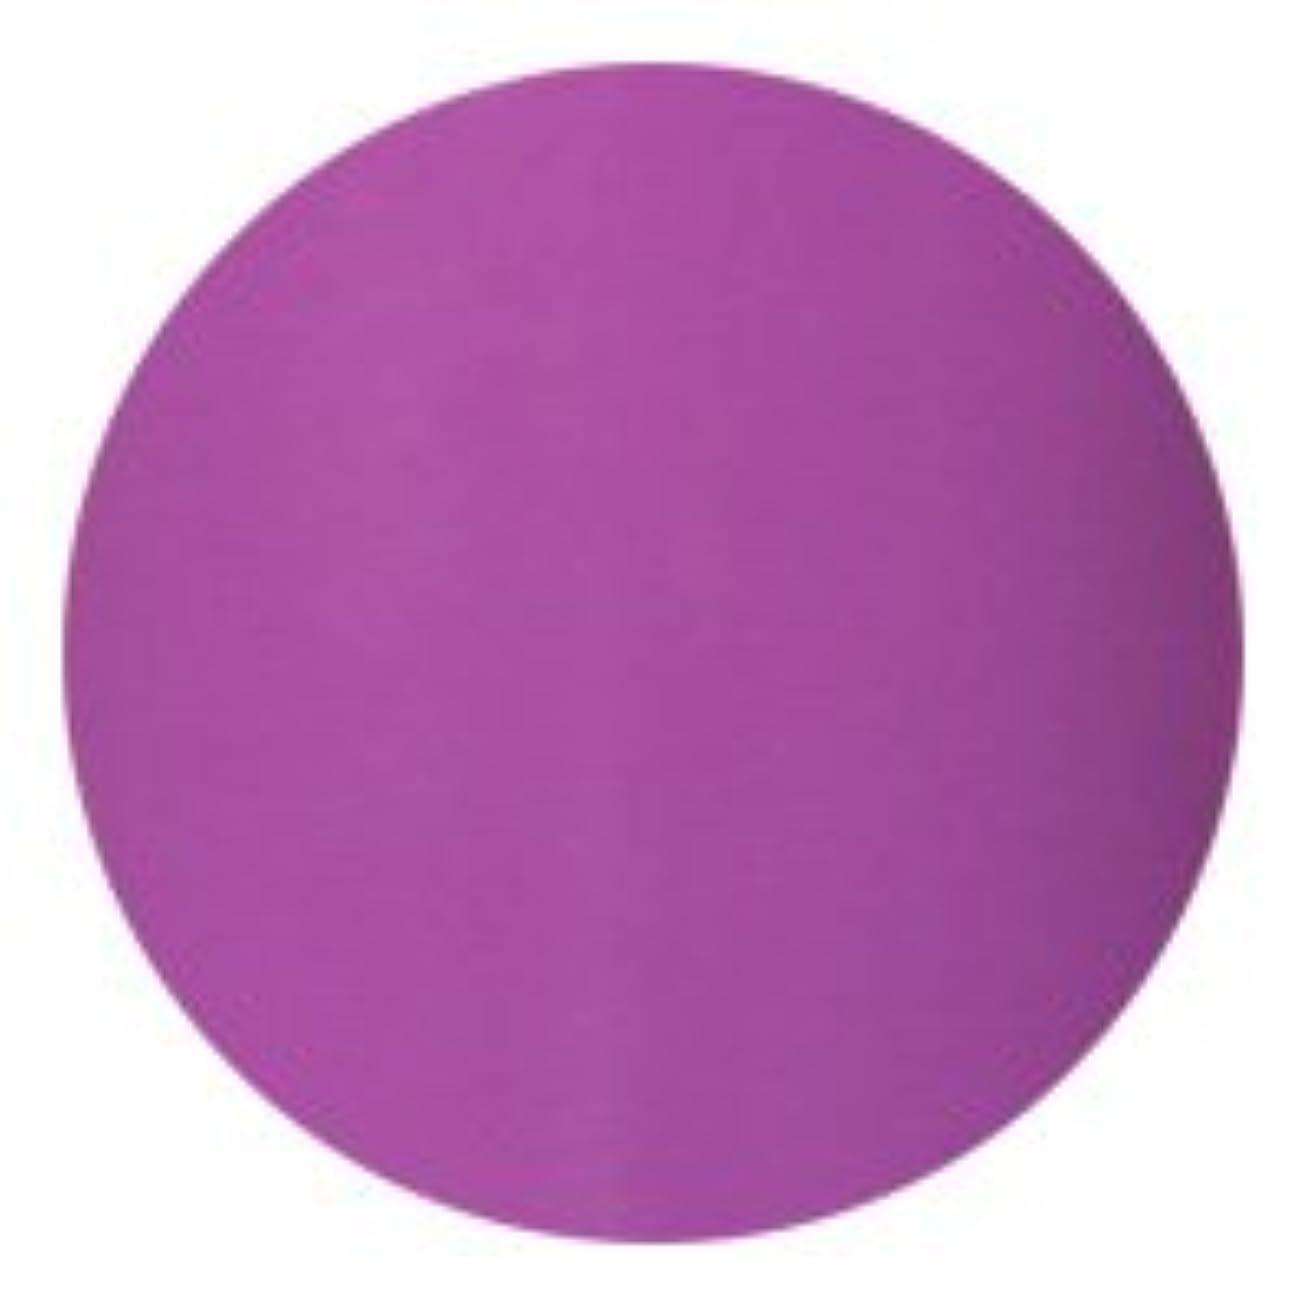 食用目立つ妊娠した★AKZENTZ(アクセンツ) UV/LED オプションズ 4g<BR>073 マジェスティックバイオレット